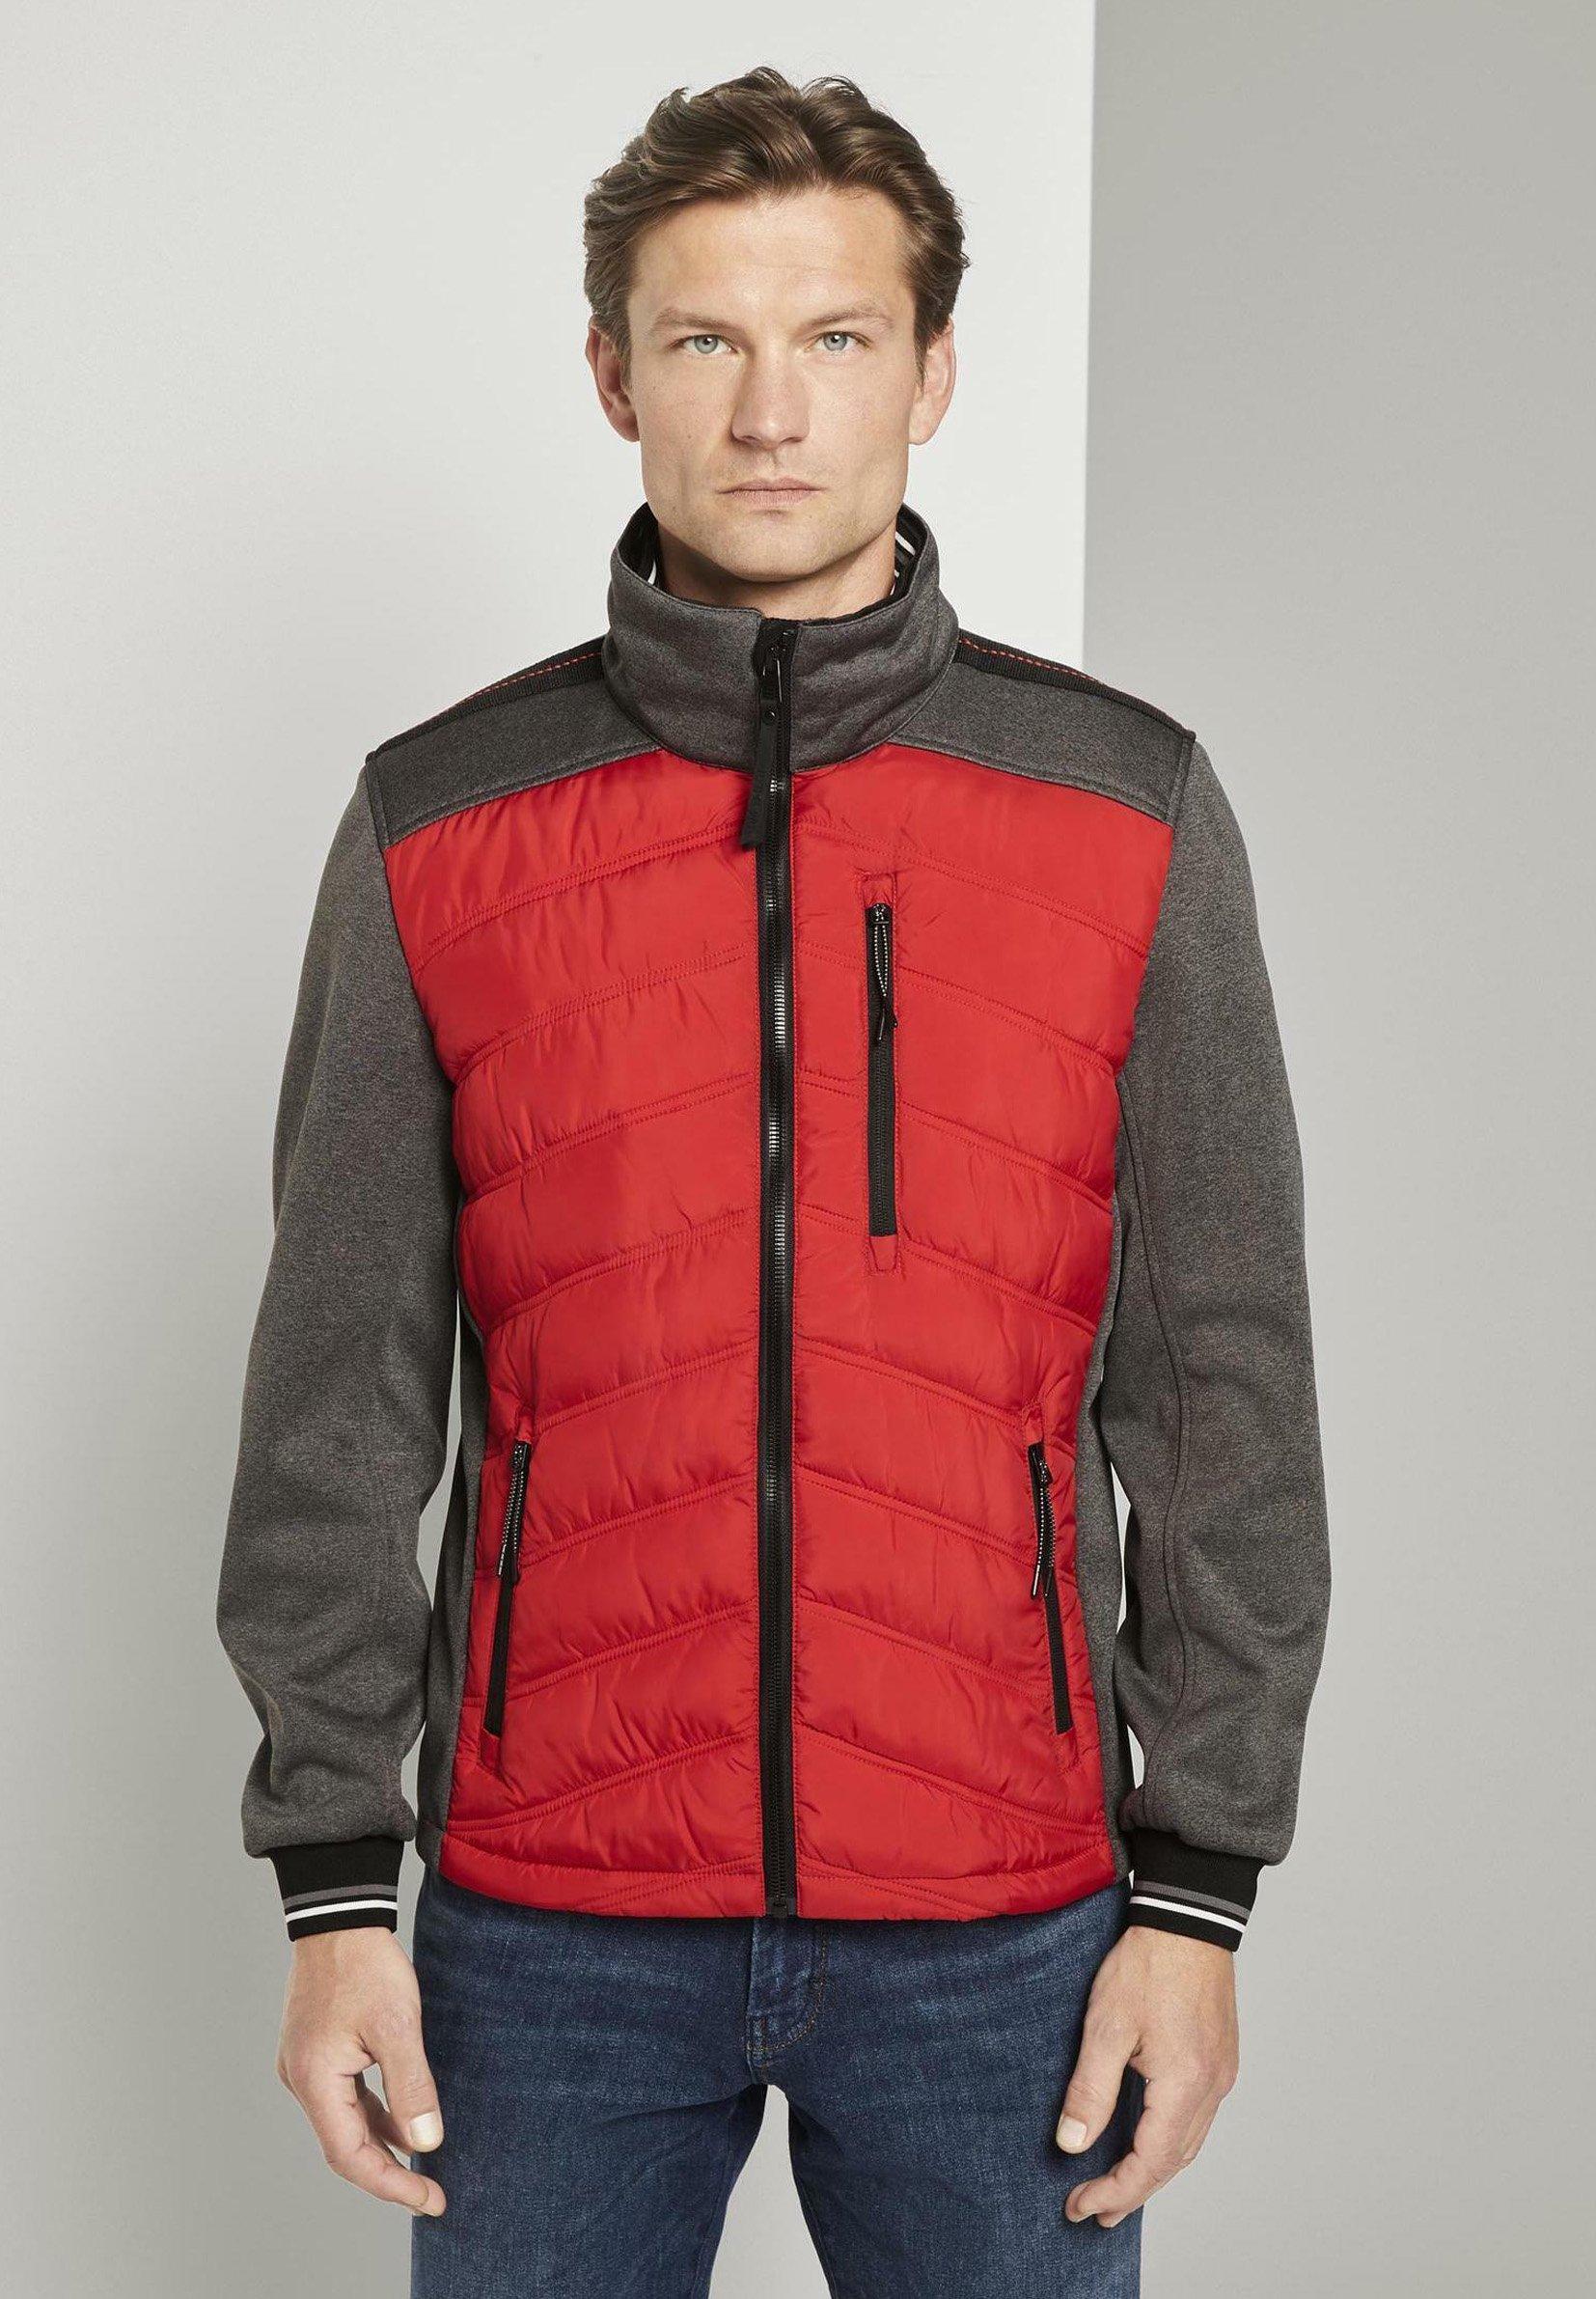 Tom Tailor Jacken für Herren versandkostenfrei online | ZALANDO